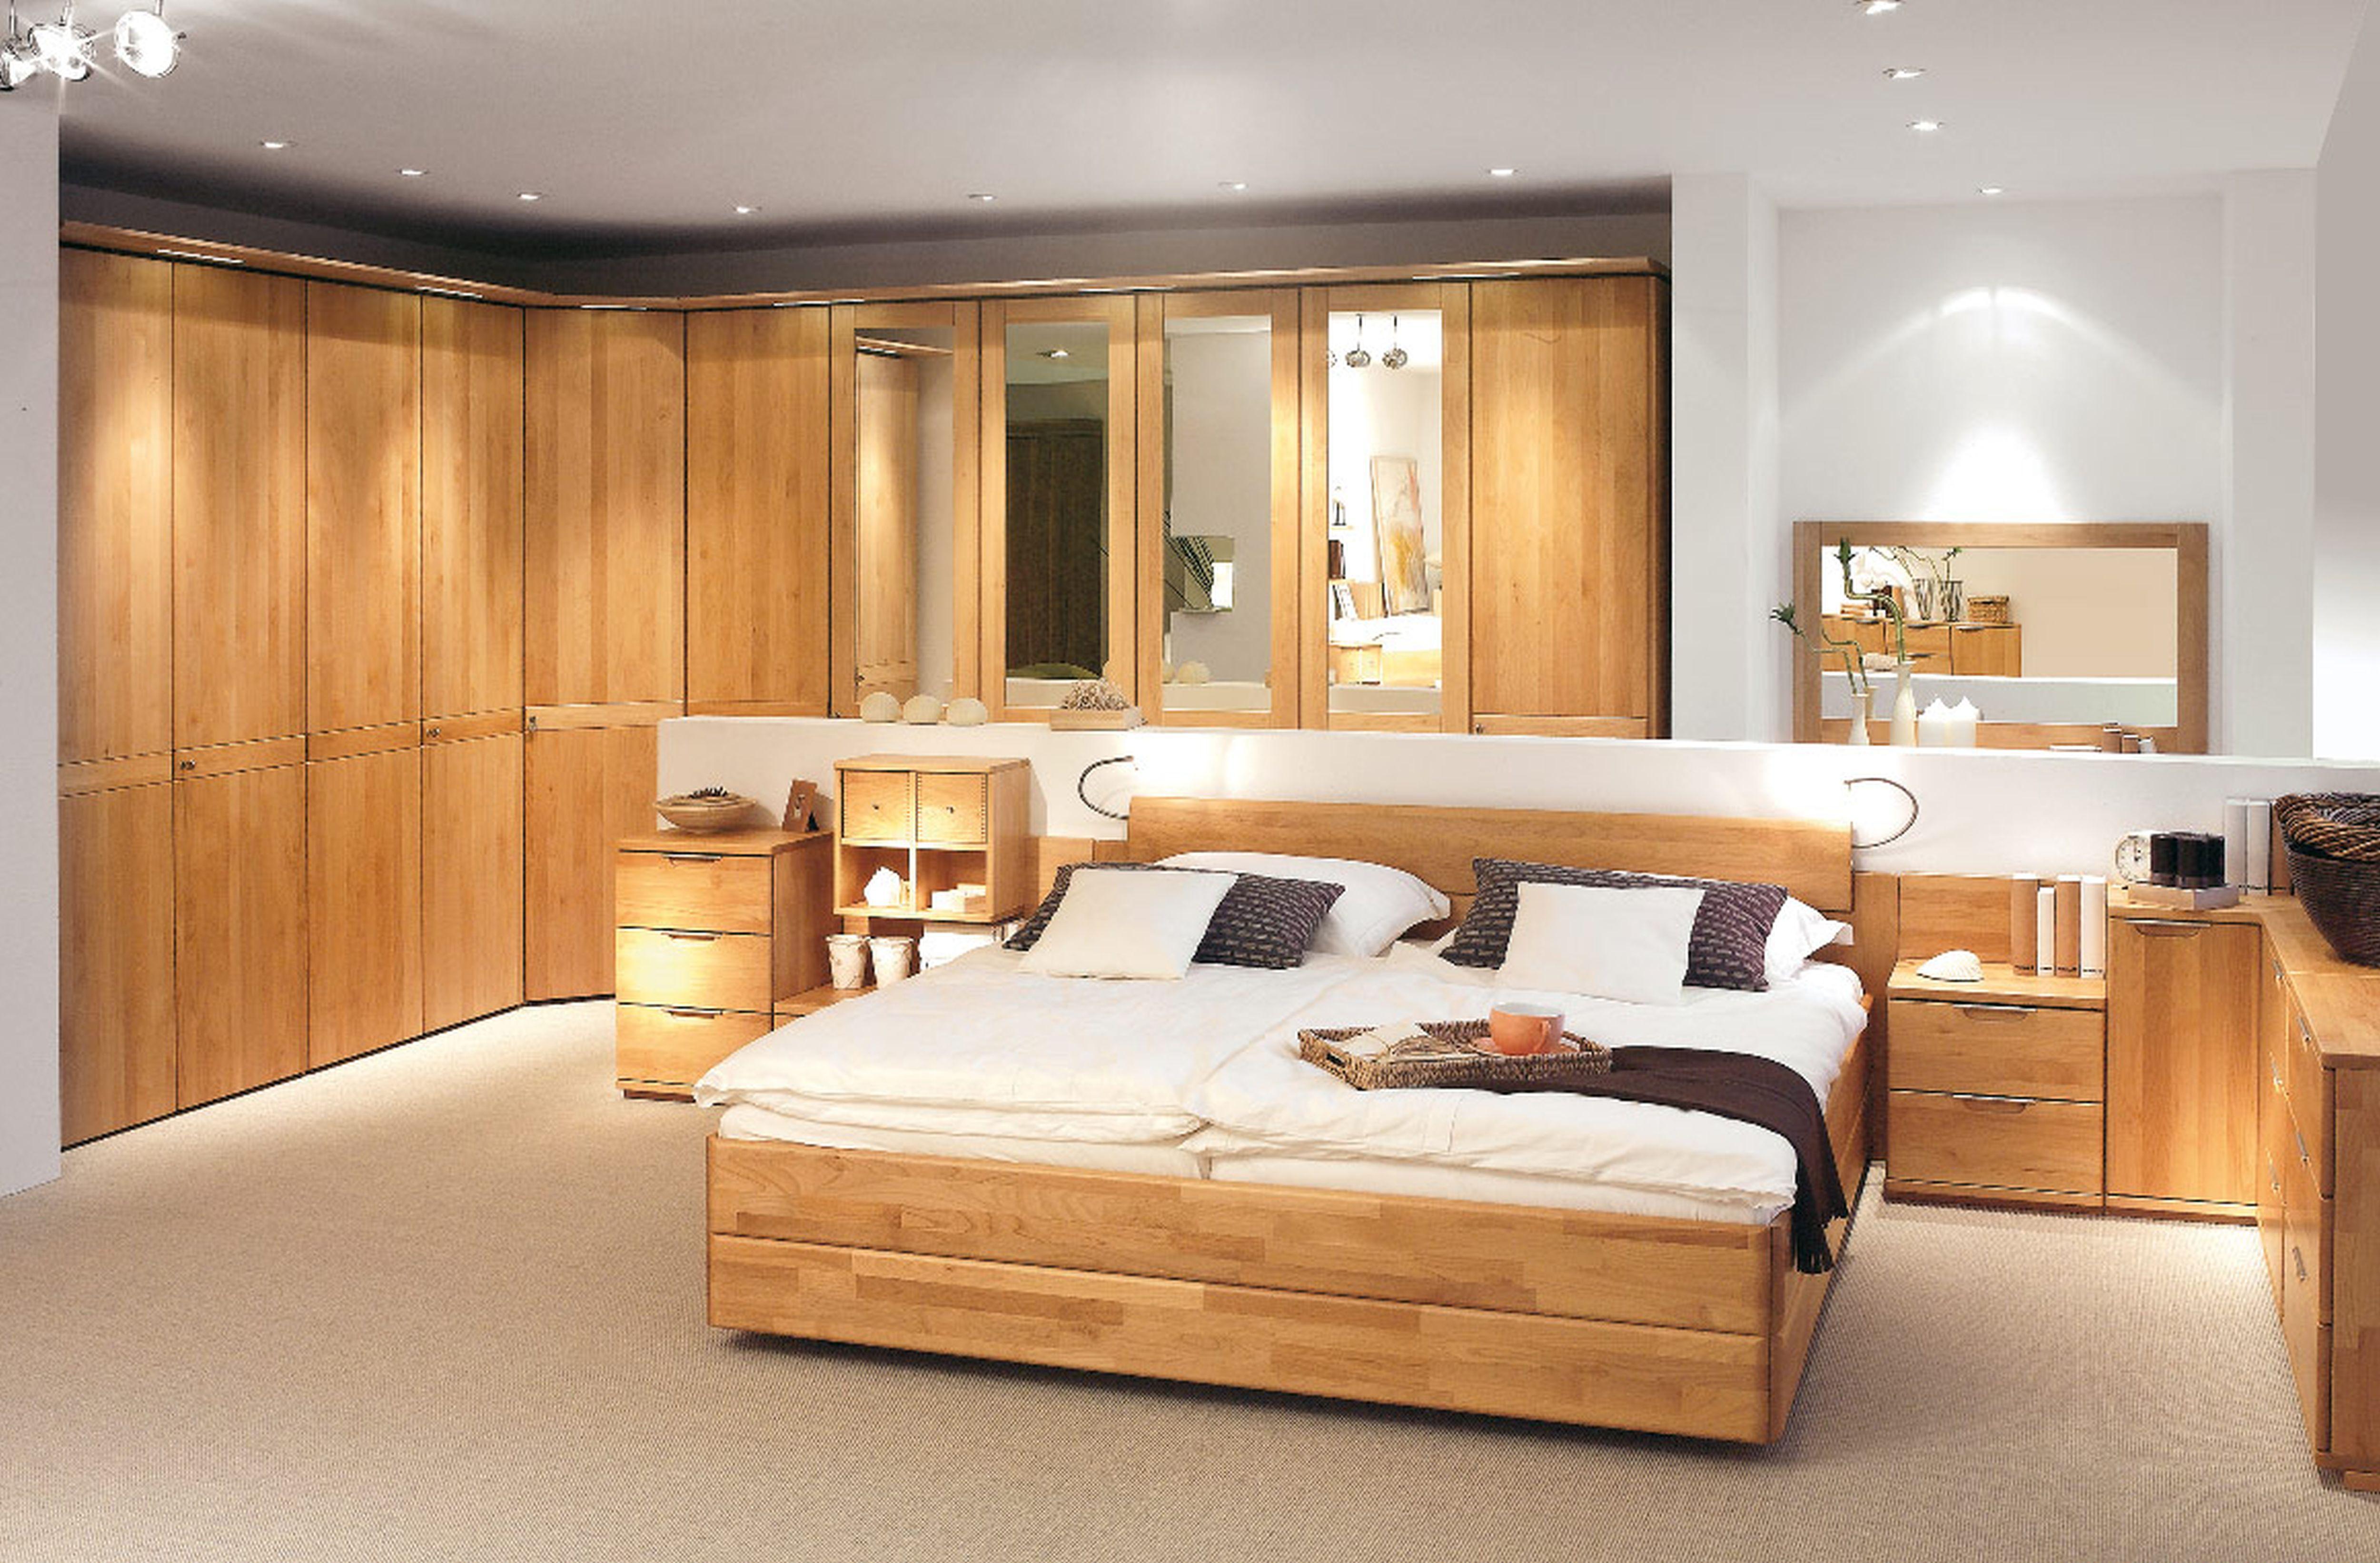 Amazing Hanging Bunk Beds Bedroom Professional Organizers Plumbing Contractors Landscape